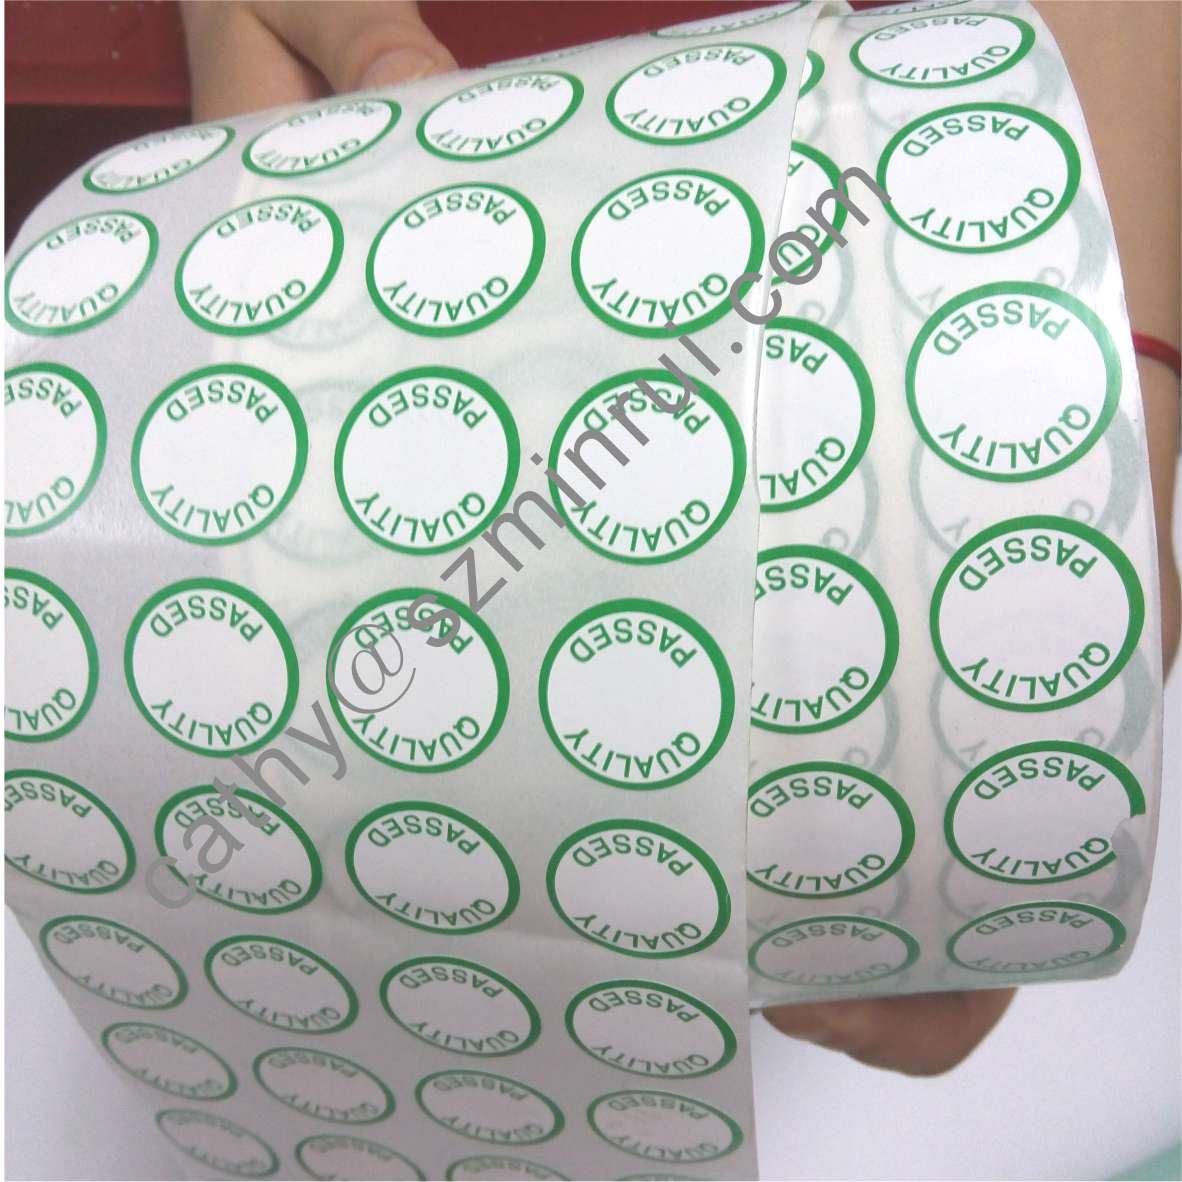 Warranty sticker void if tamperedfactory price tamper evident warranty sticker buy tamper evident warranty stickerwarranty sticker void if